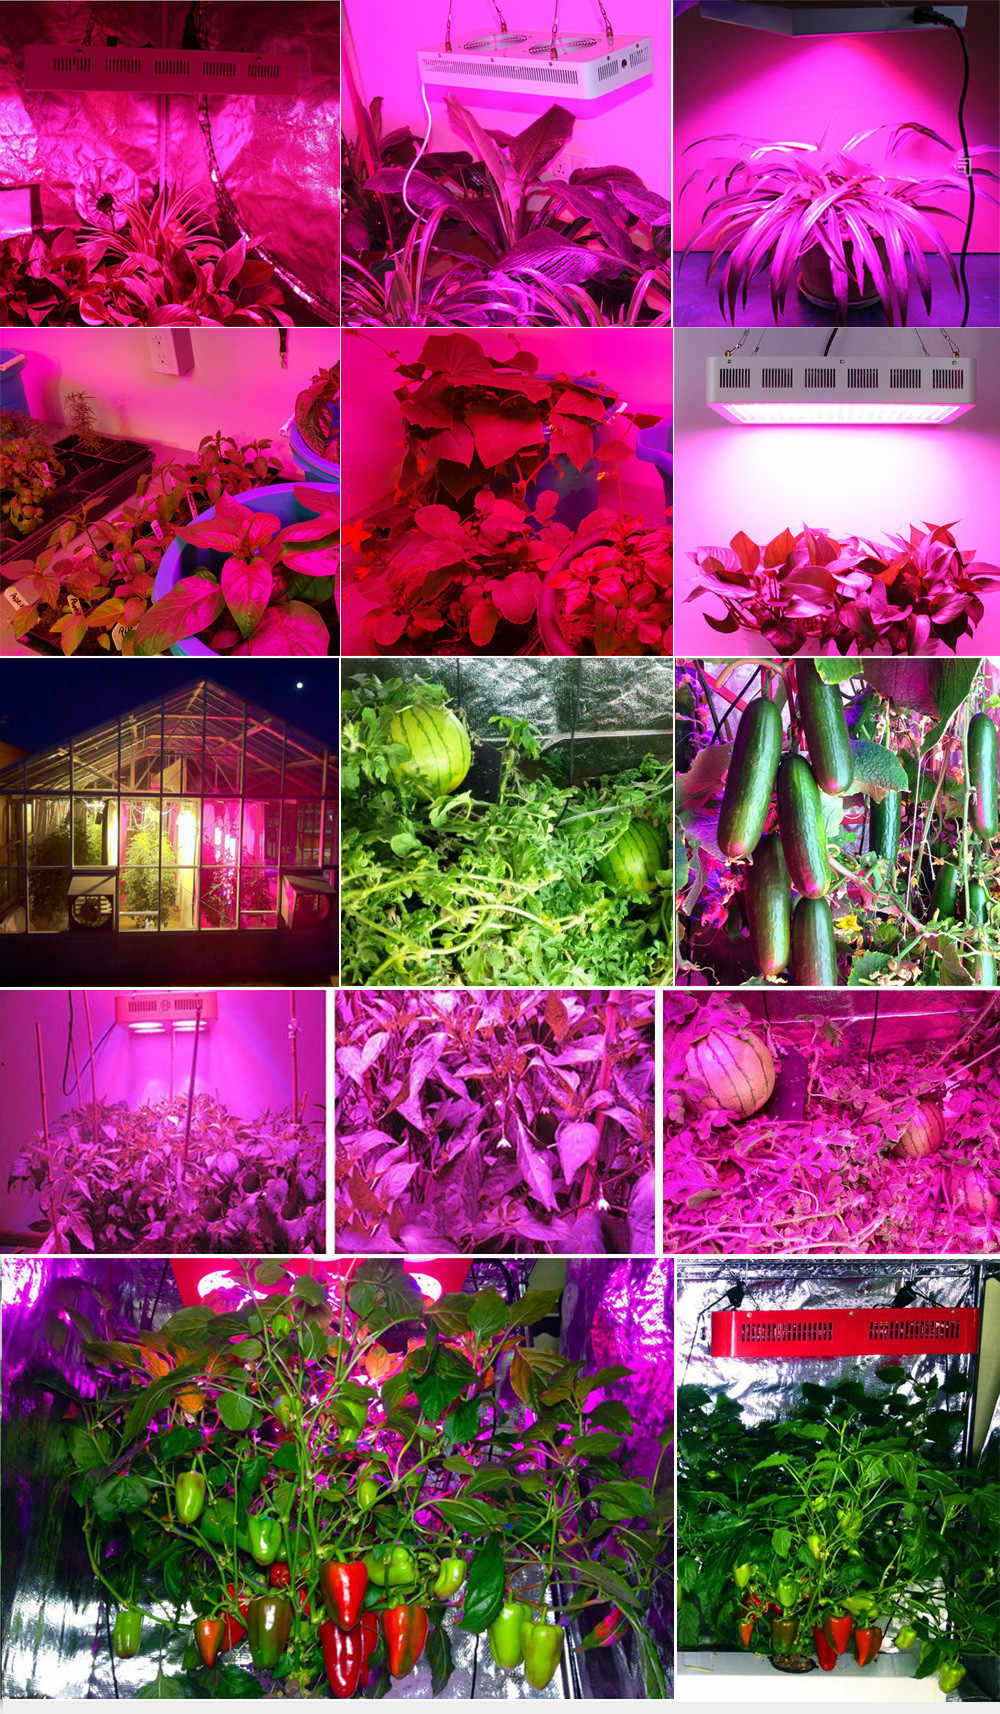 Светодиодный светильник для выращивания kingled, полный спектр, 1500 Вт, для комнатных растений, Фито, лампа, лампа для растения парниковые, growbox, veg, цветение, кормление